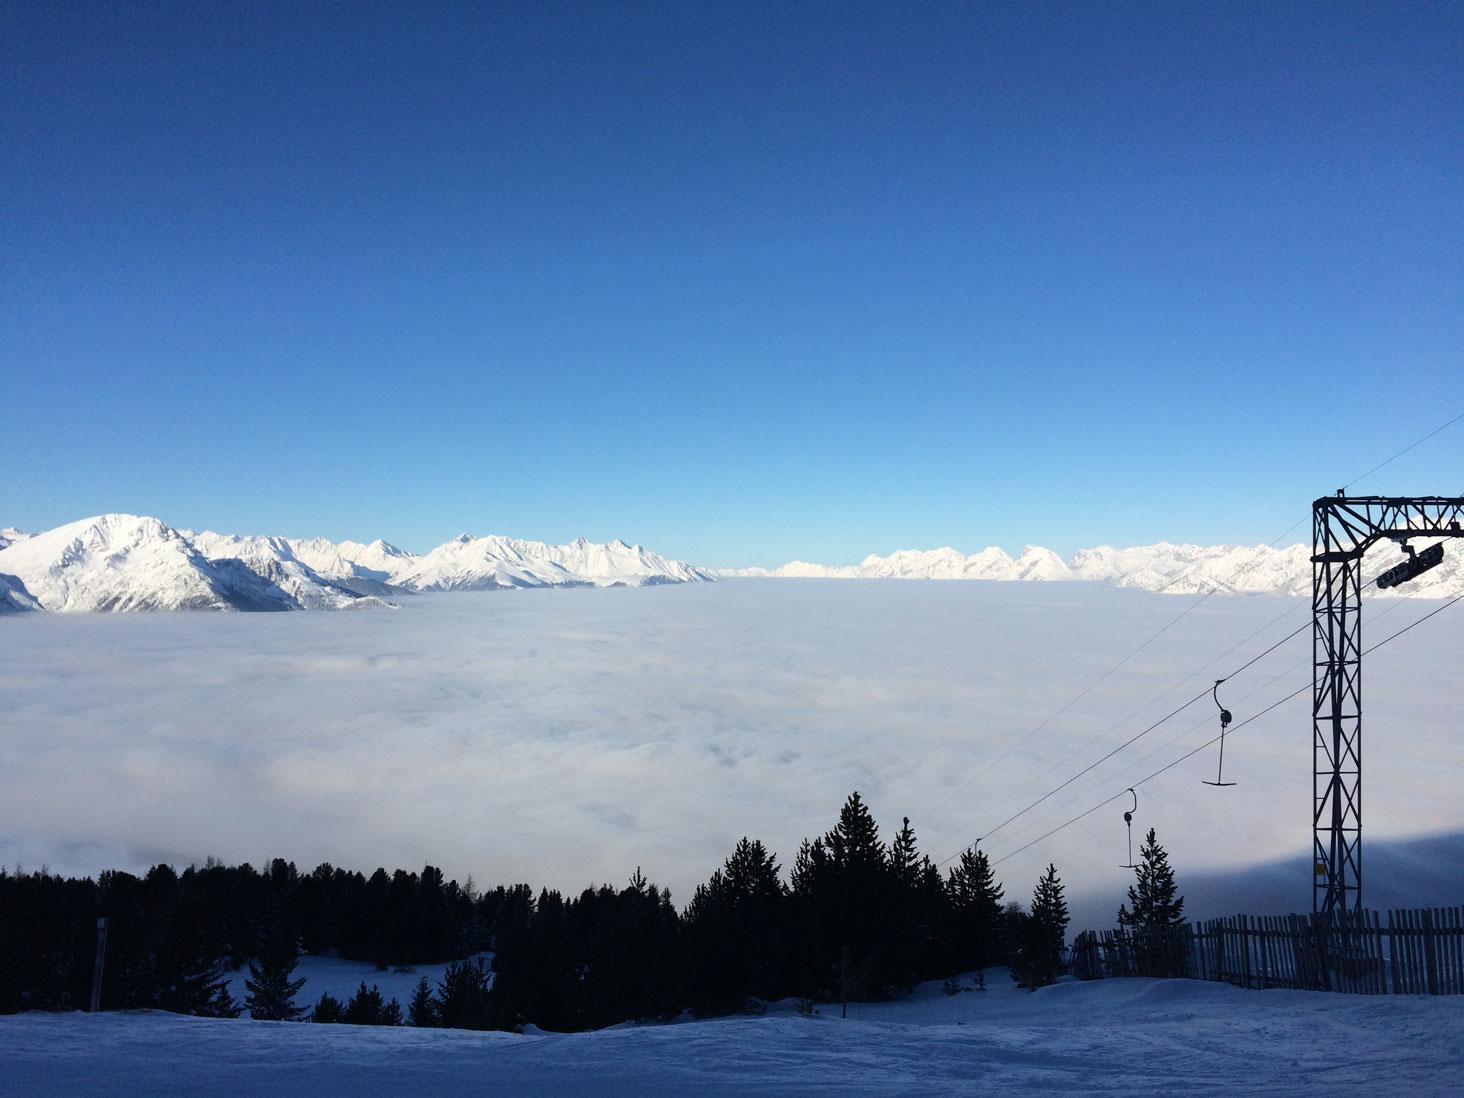 munich-mountain-girls-verena-buerstl-patscherkofel-skifahren-tirol